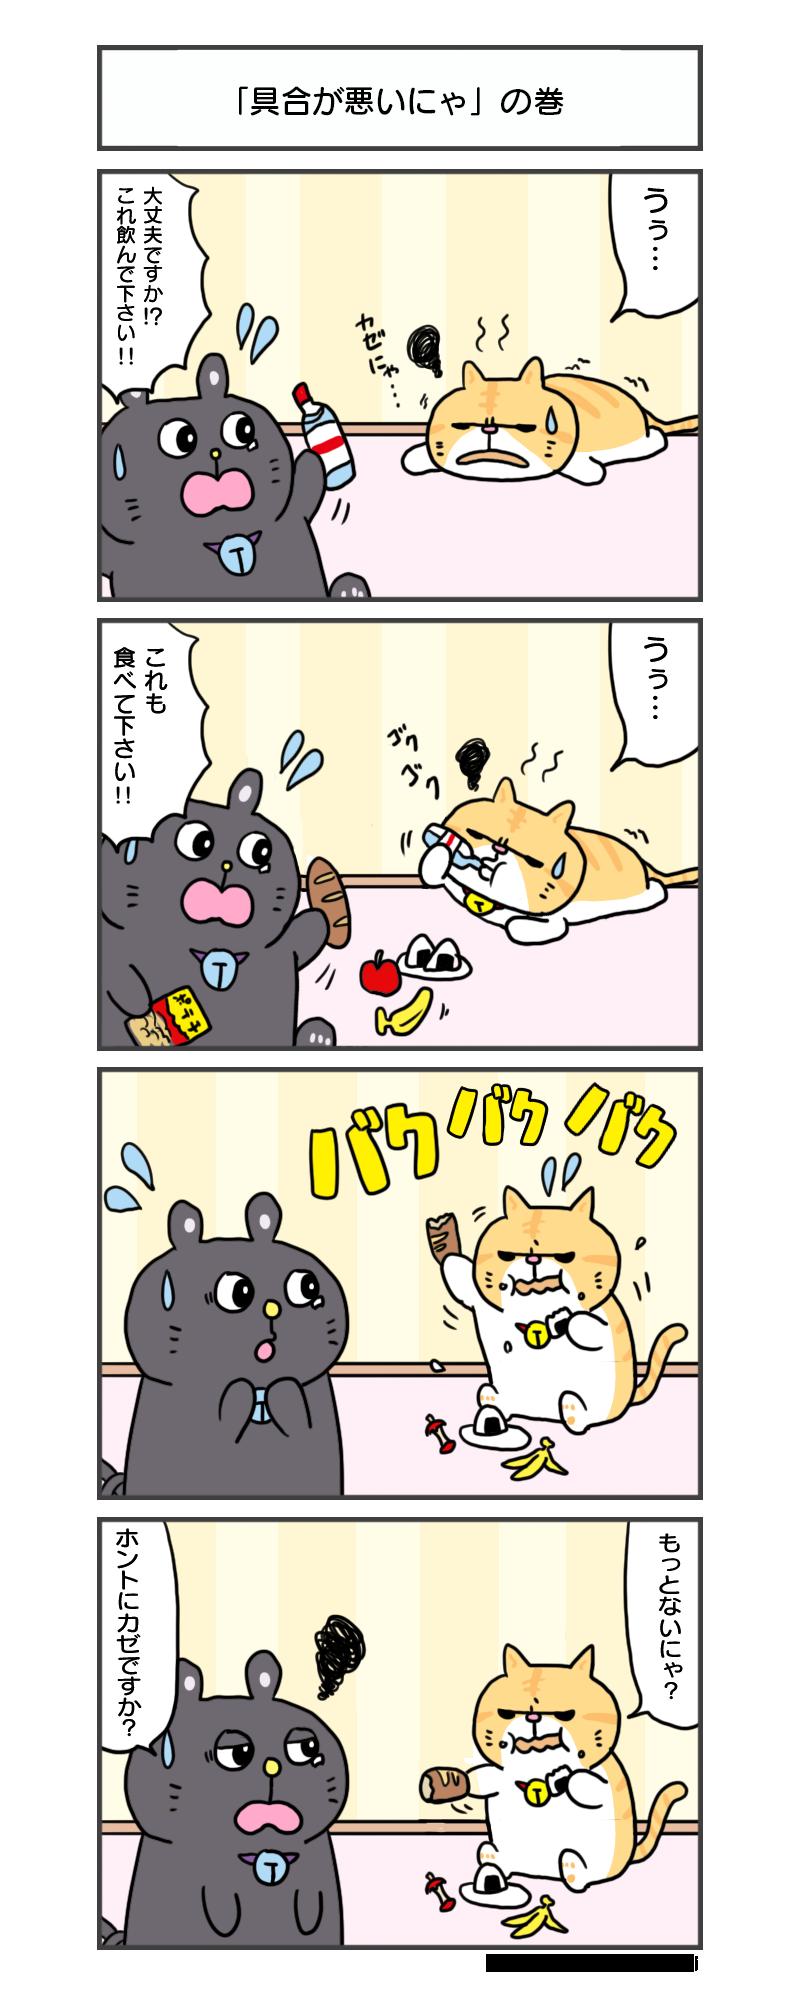 えきぞうmanga_vol.318